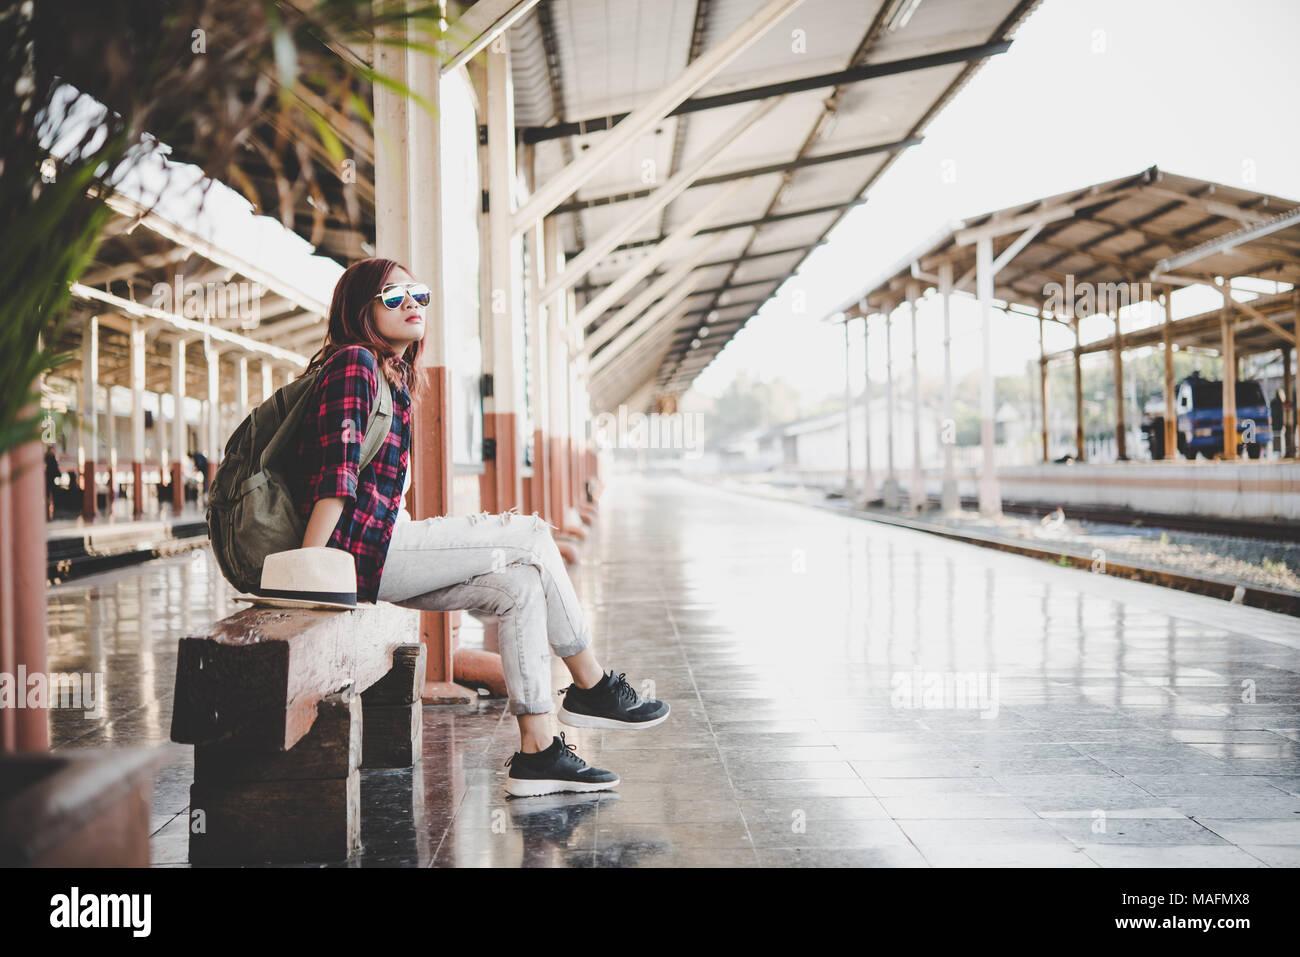 d30c4ab629 Jeune femme avec sac à dos touristiques hipster assis dans la gare. Maison  de vacances concept touristique.